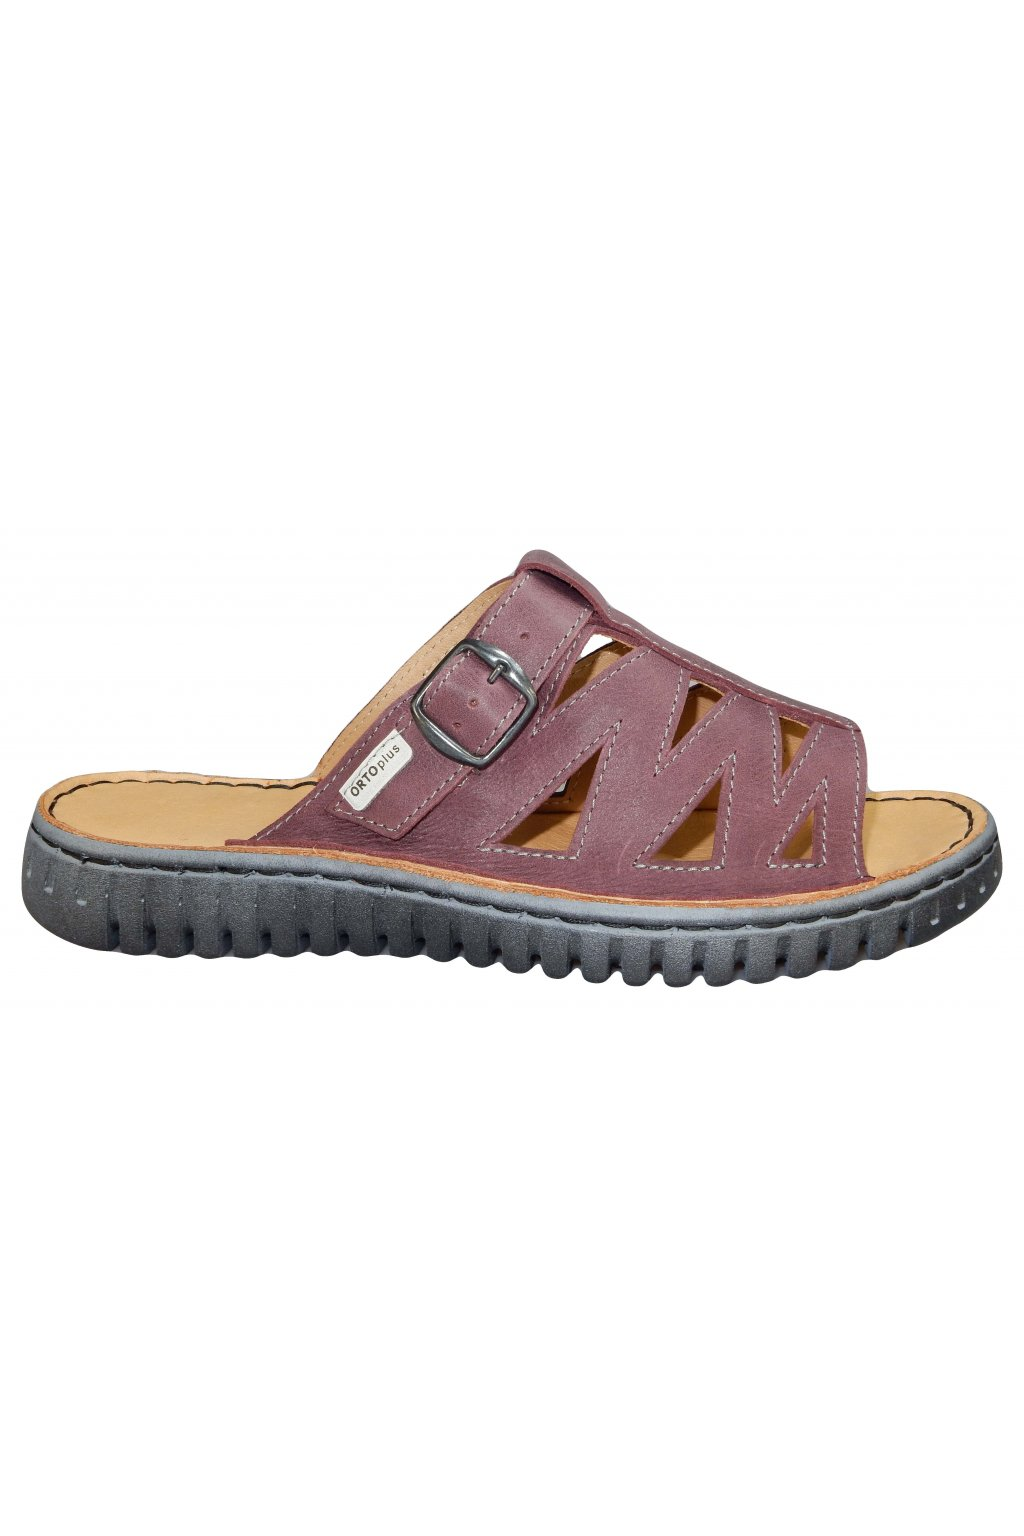 Dámské vycházkové pantofle ORTO PLUS 80568